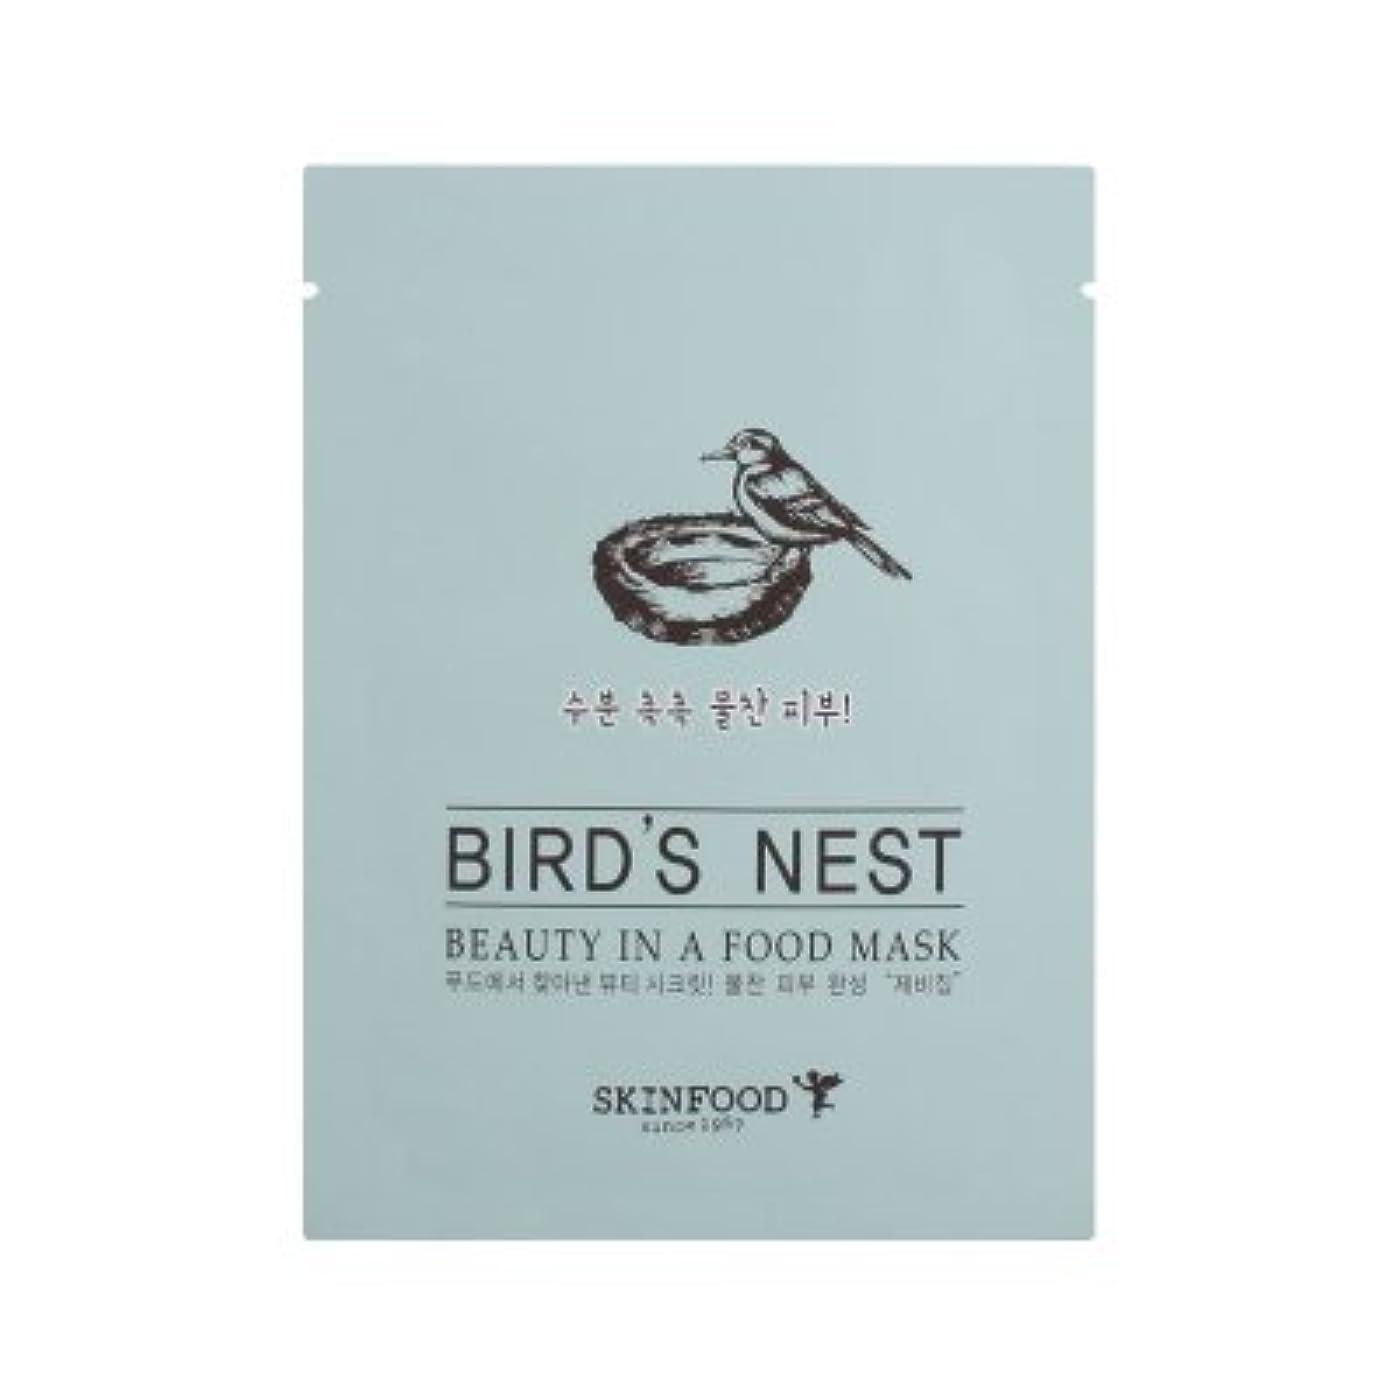 アパート余剰これまでSKINFOOD Beauty in a Food Mask Sheet 5EA (BIRD'S NEST) / スキンフード ビューティー イン ア フード マスクシート [並行輸入品]